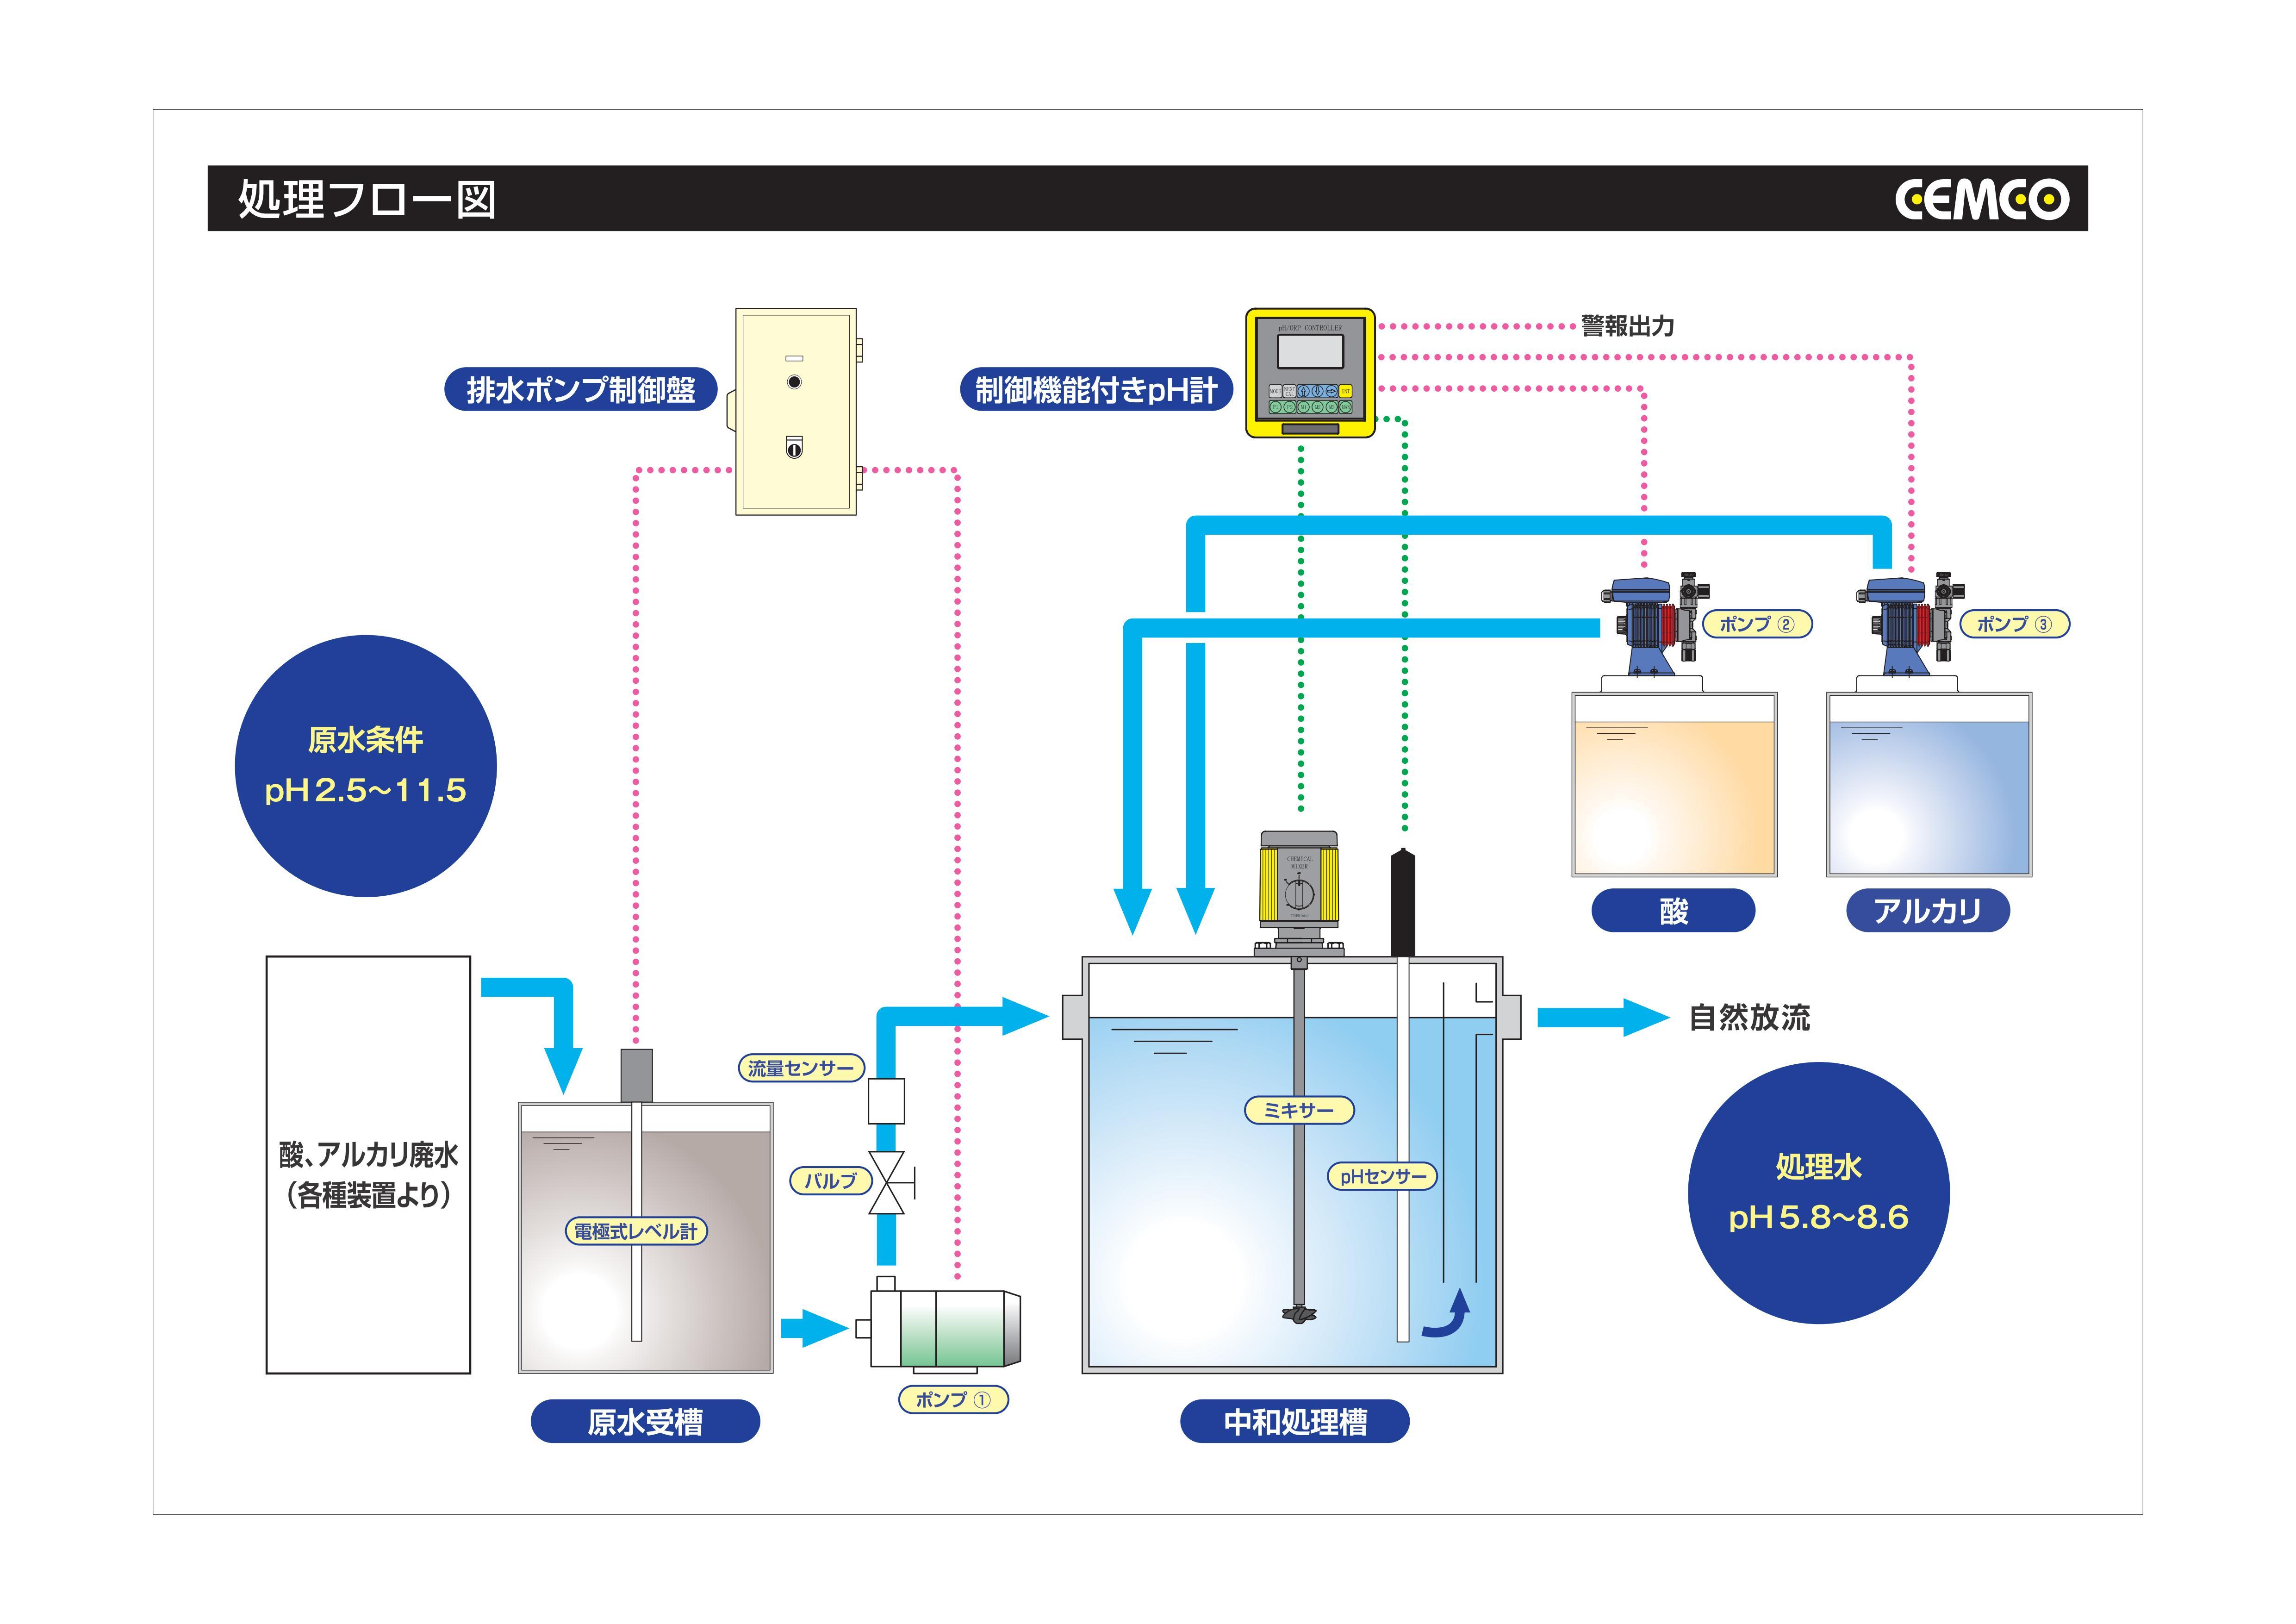 小型中和装置処理パネルフロー図